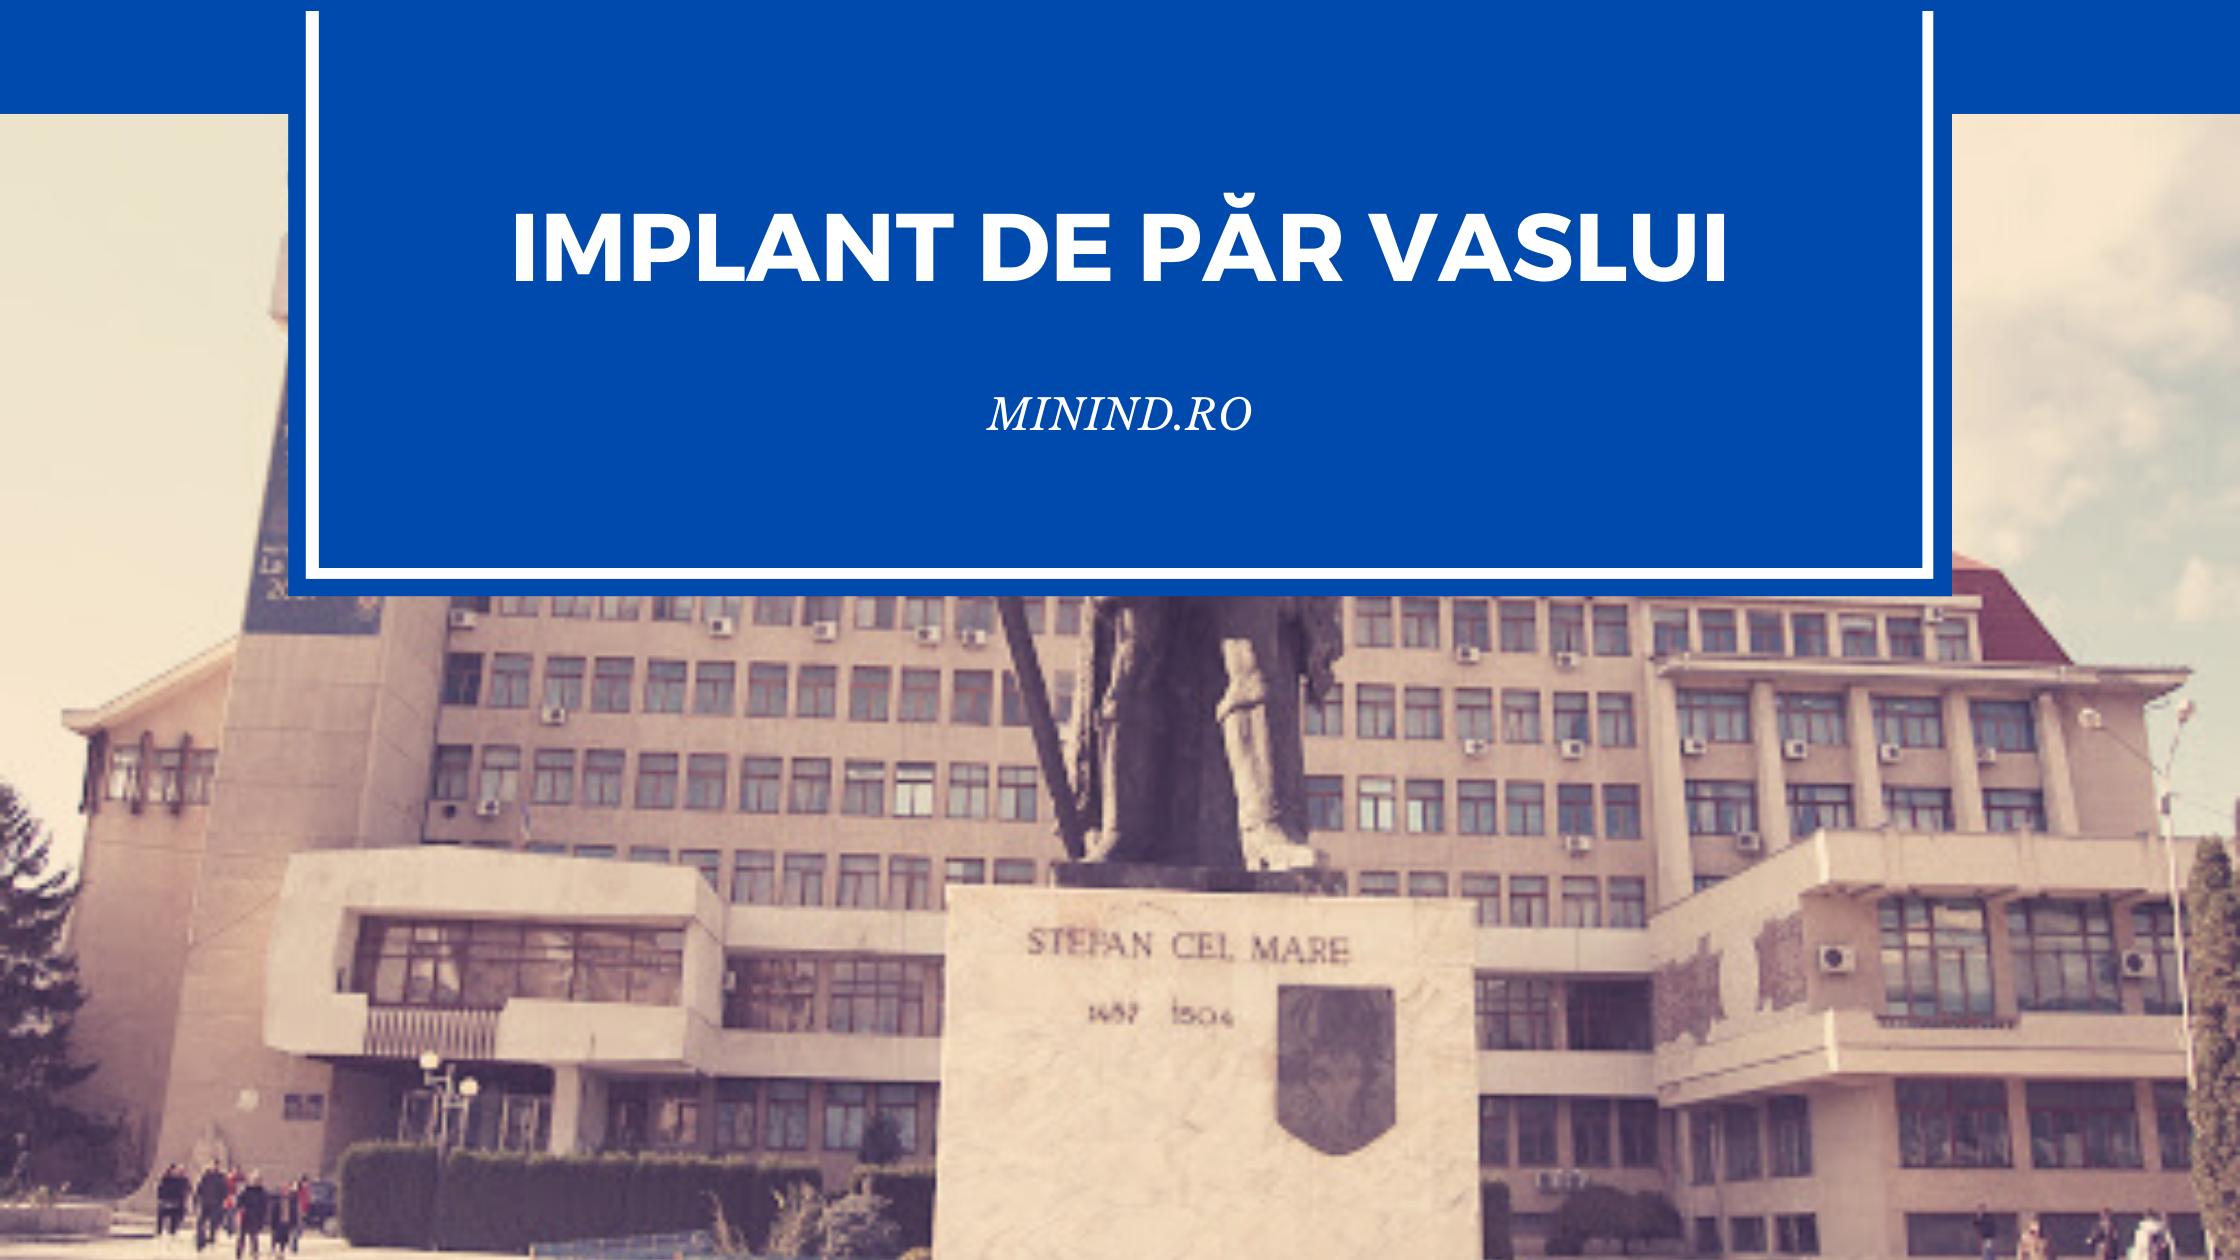 implant de par vaslui